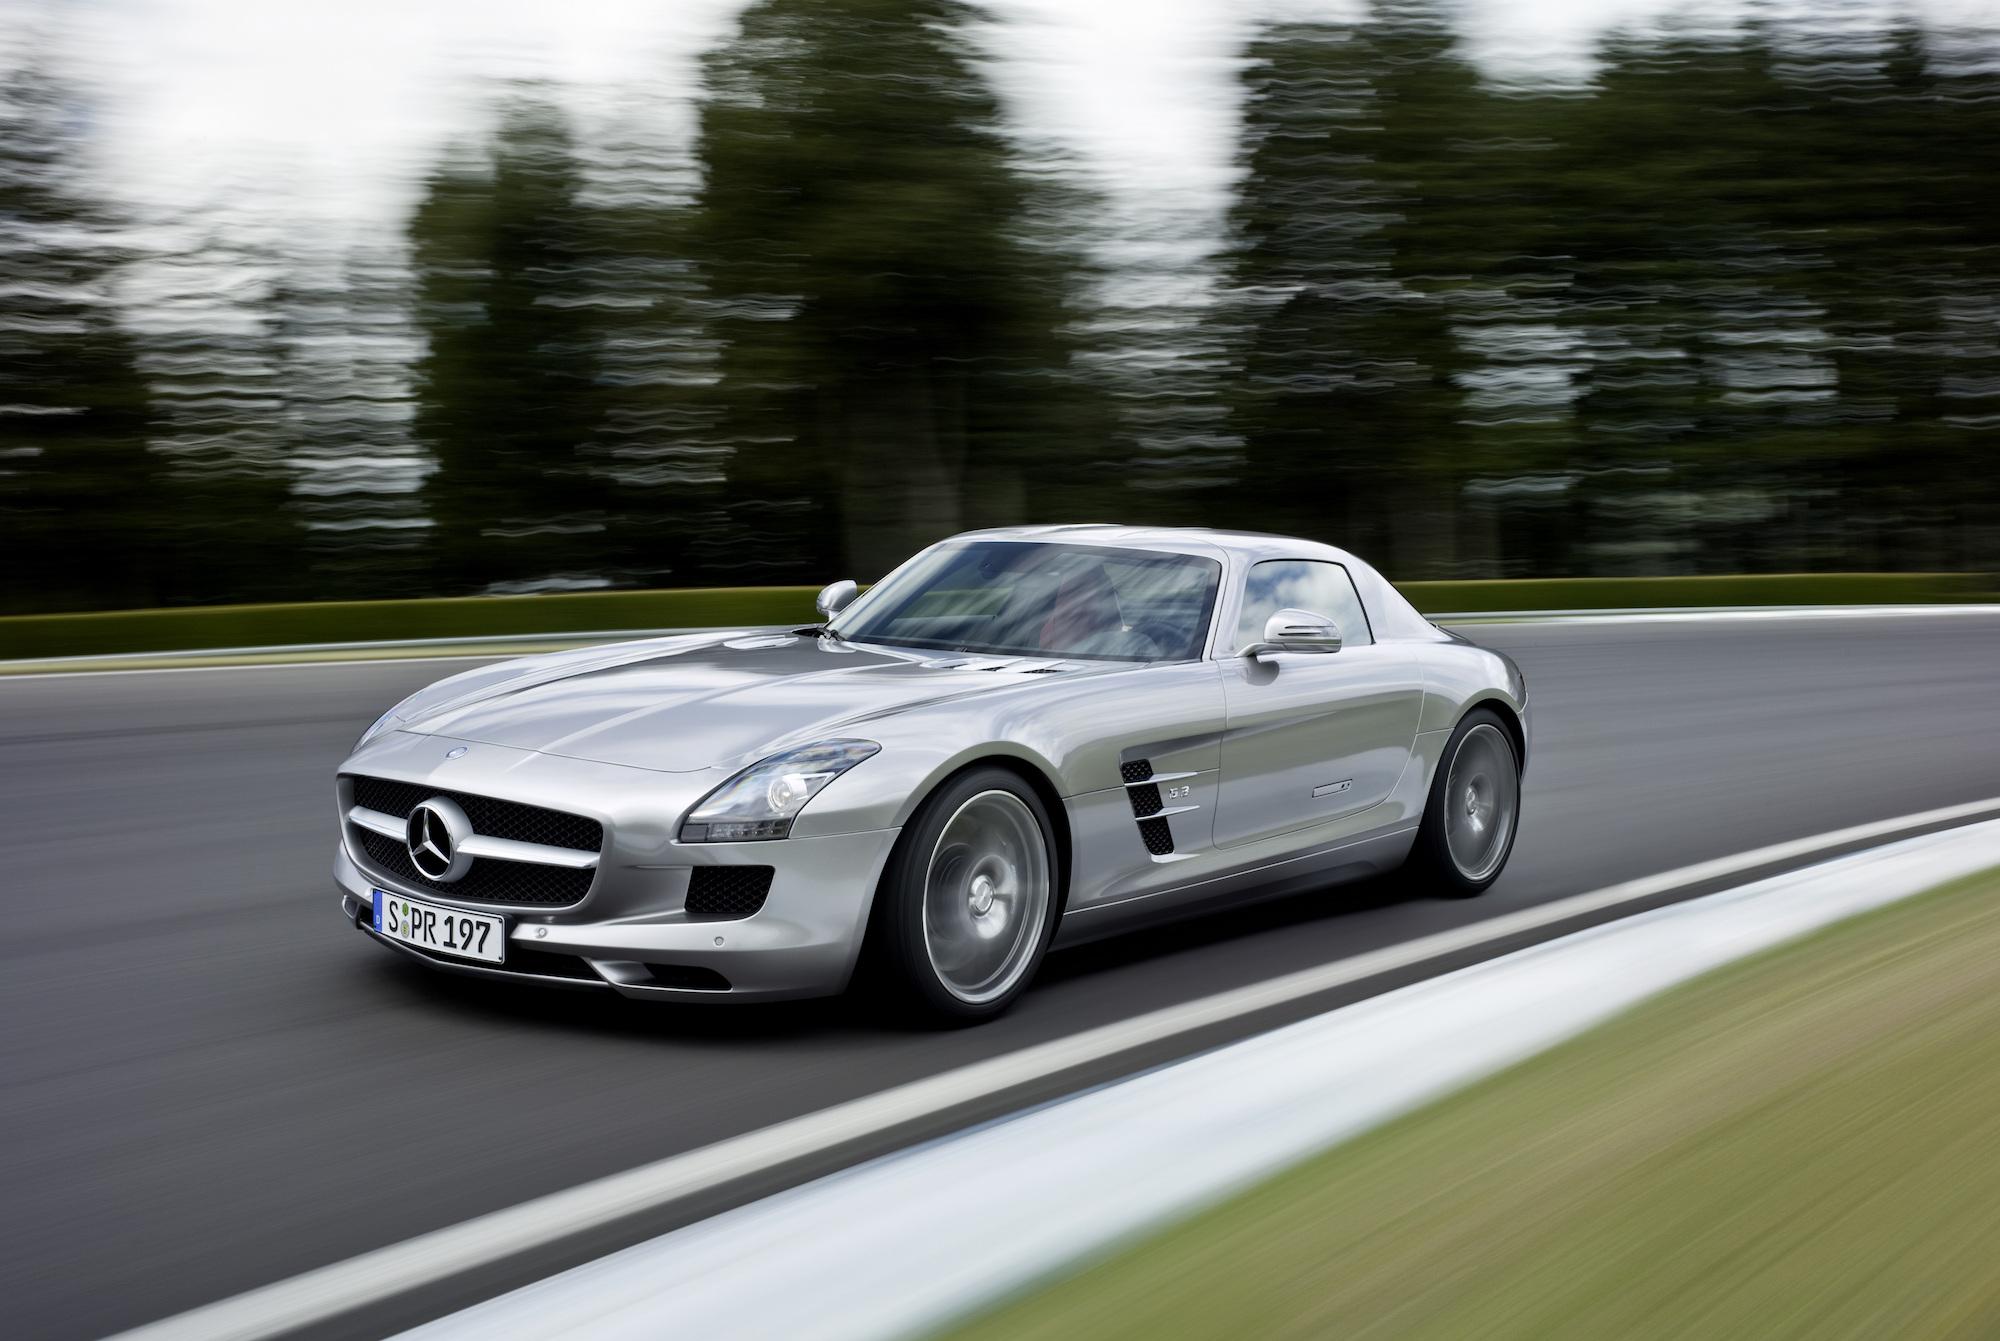 最強を謳うメルセデス・ベンツの4ドアクーペ AMG GTの凄さ